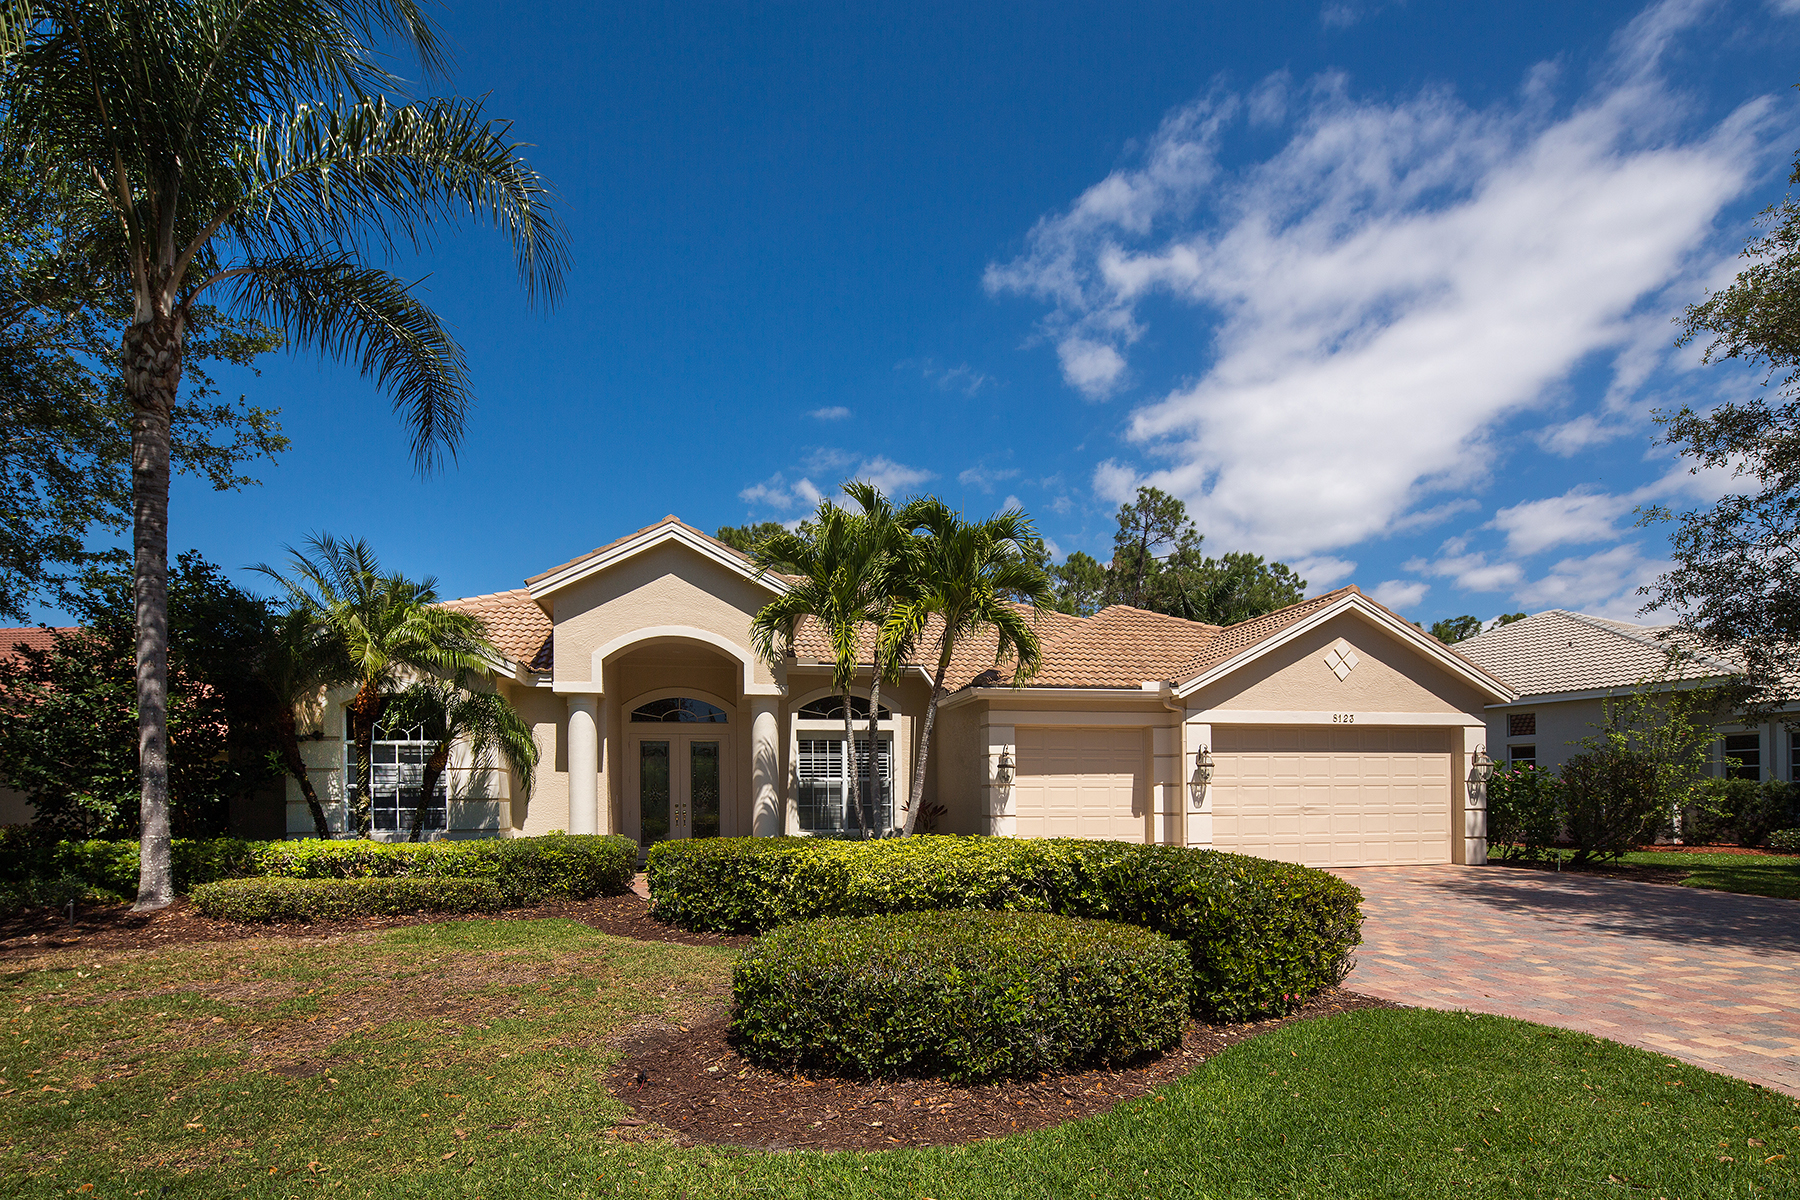 Maison unifamiliale pour l Vente à WILSHIRE LAKES 8123 Wilshire Lakes Blvd Naples, Florida, 34109 États-Unis